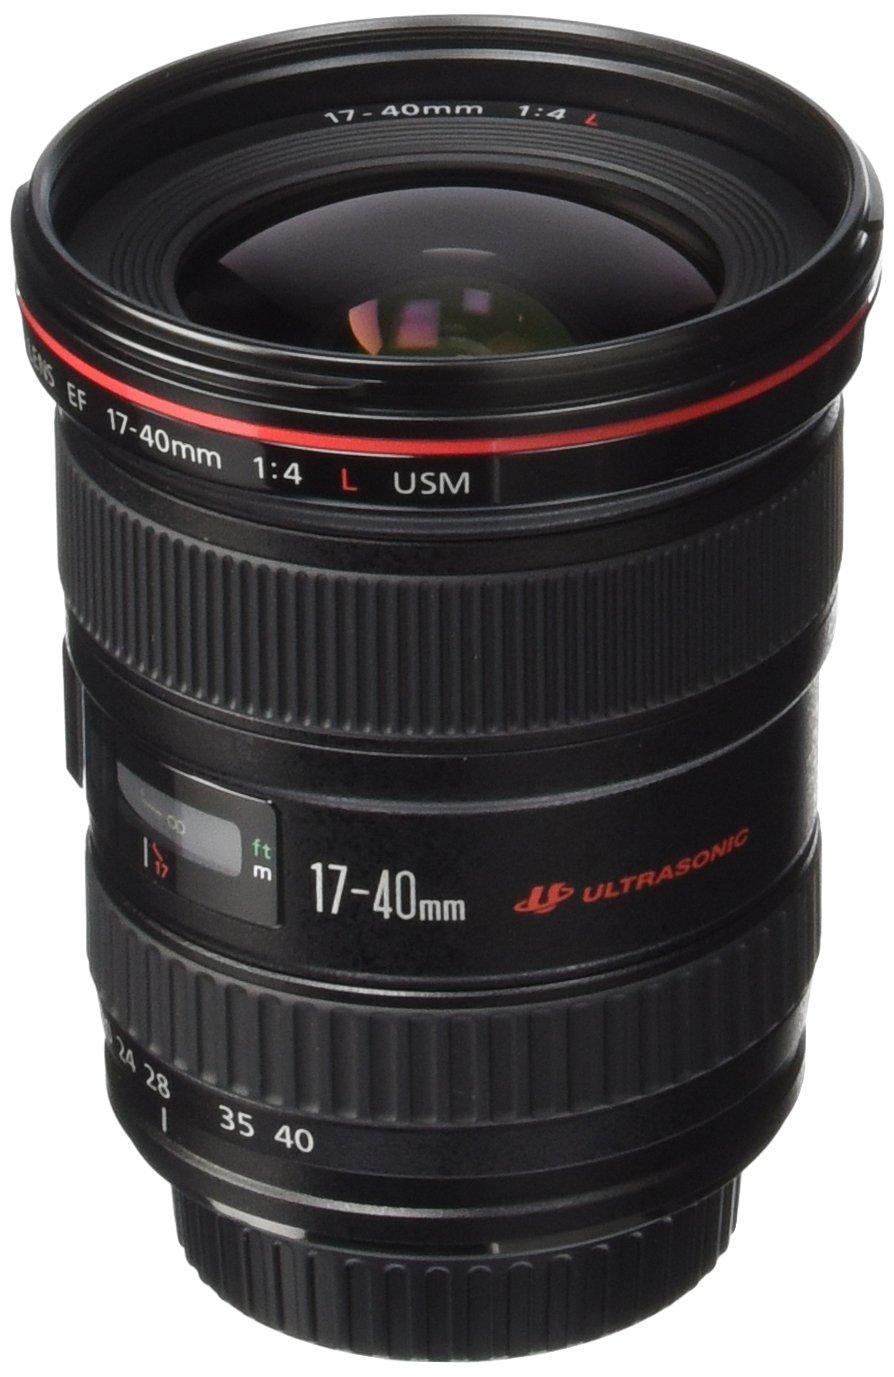 Canon EF 17-40mm f/4.0L USM - camera lenses (12/9, 17 - 40 mm, USM, Black)